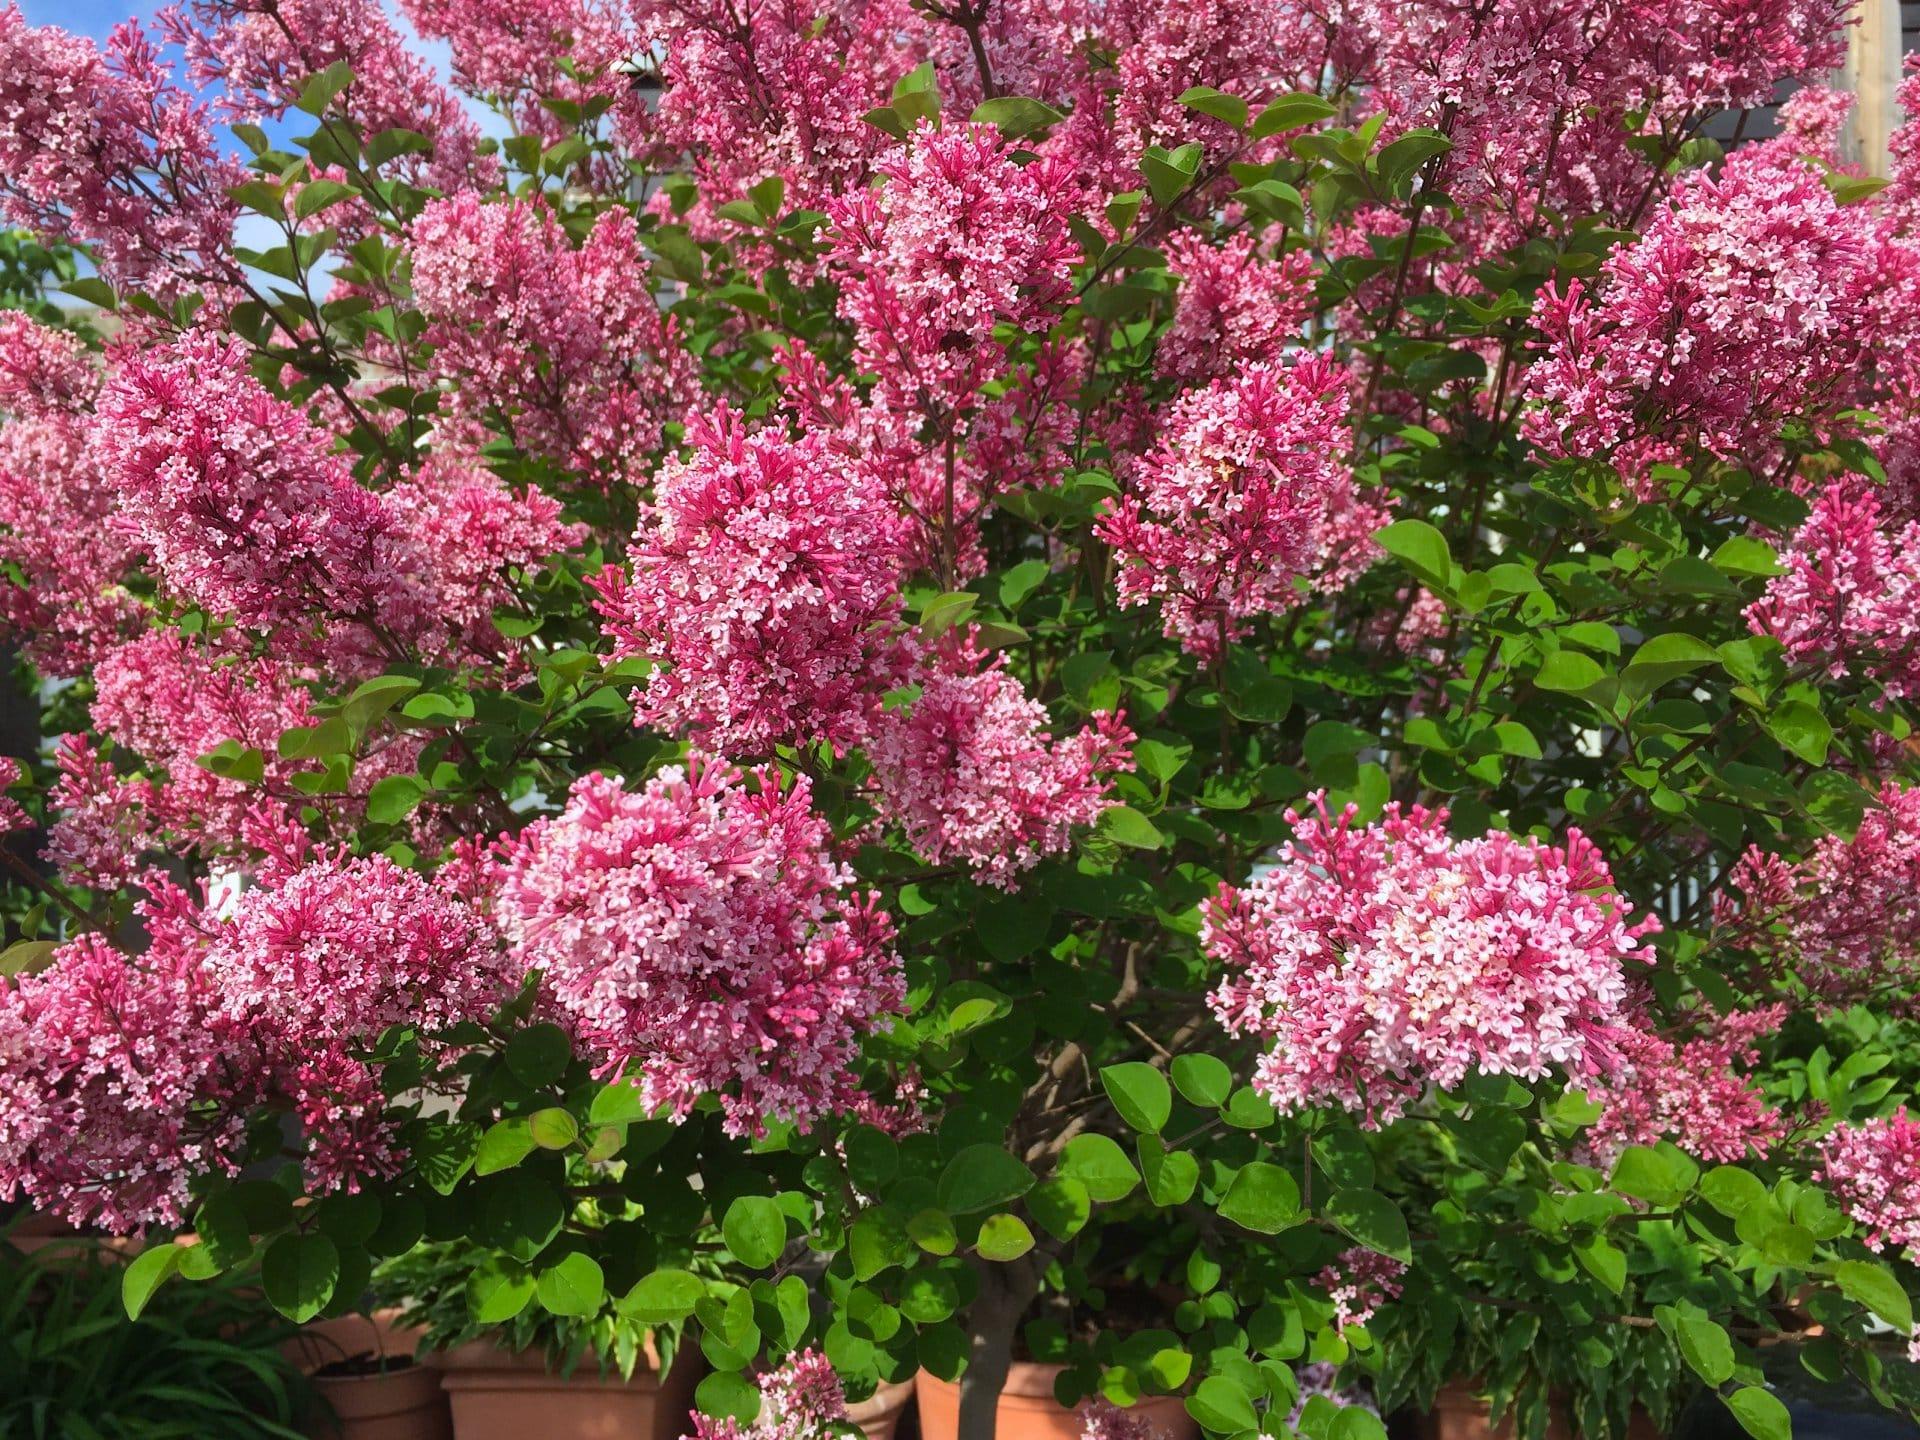 2015 05 06 flowerpower 1